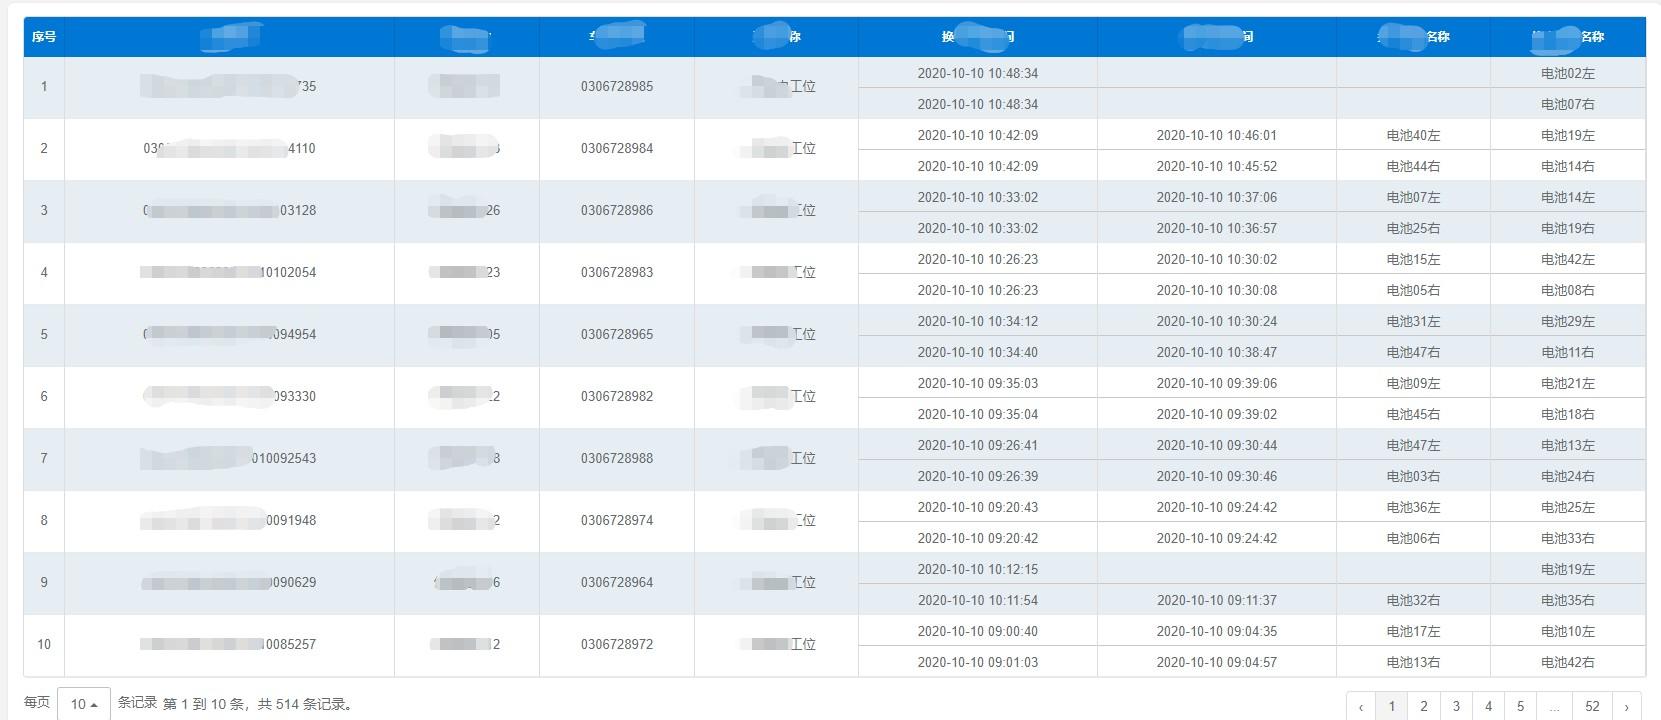 attachments-2020-10-Zs1TqMjw5f892dffa931b.png